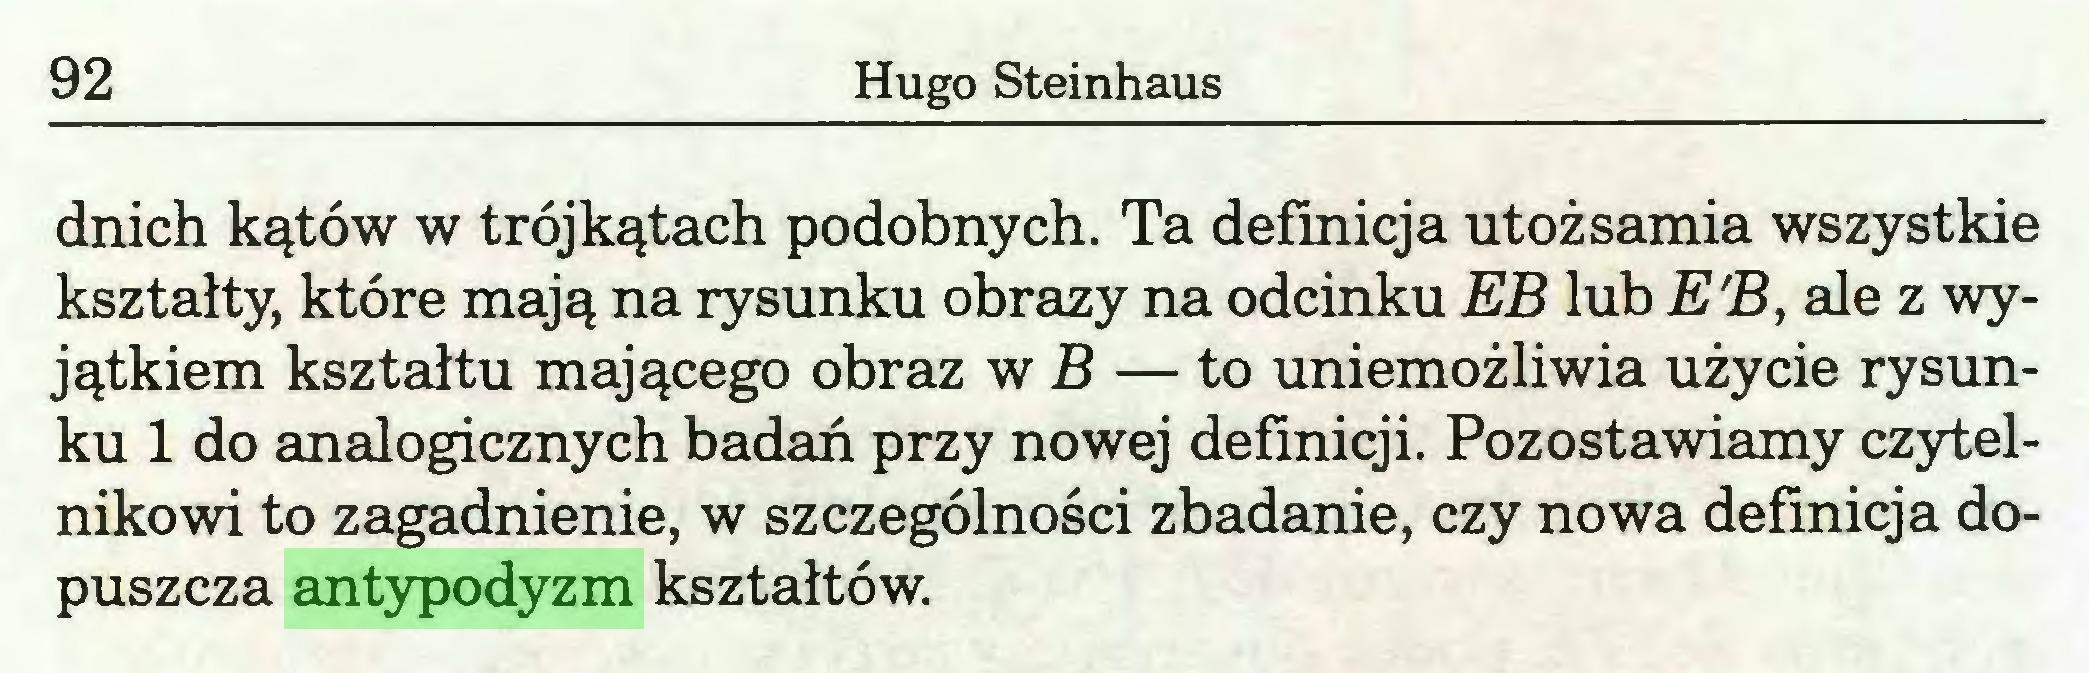 (...) 92 Hugo Steinhaus dnich kątów w trójkątach podobnych. Ta definicja utożsamia wszystkie kształty, które mają na rysunku obrazy na odcinku EB lub E'B, ale z wyjątkiem kształtu mającego obraz w B — to uniemożliwia użycie rysunku 1 do analogicznych badań przy nowej definicji. Pozostawiamy czytelnikowi to zagadnienie, w szczególności zbadanie, czy nowa definicja dopuszcza antypodyzm kształtów...